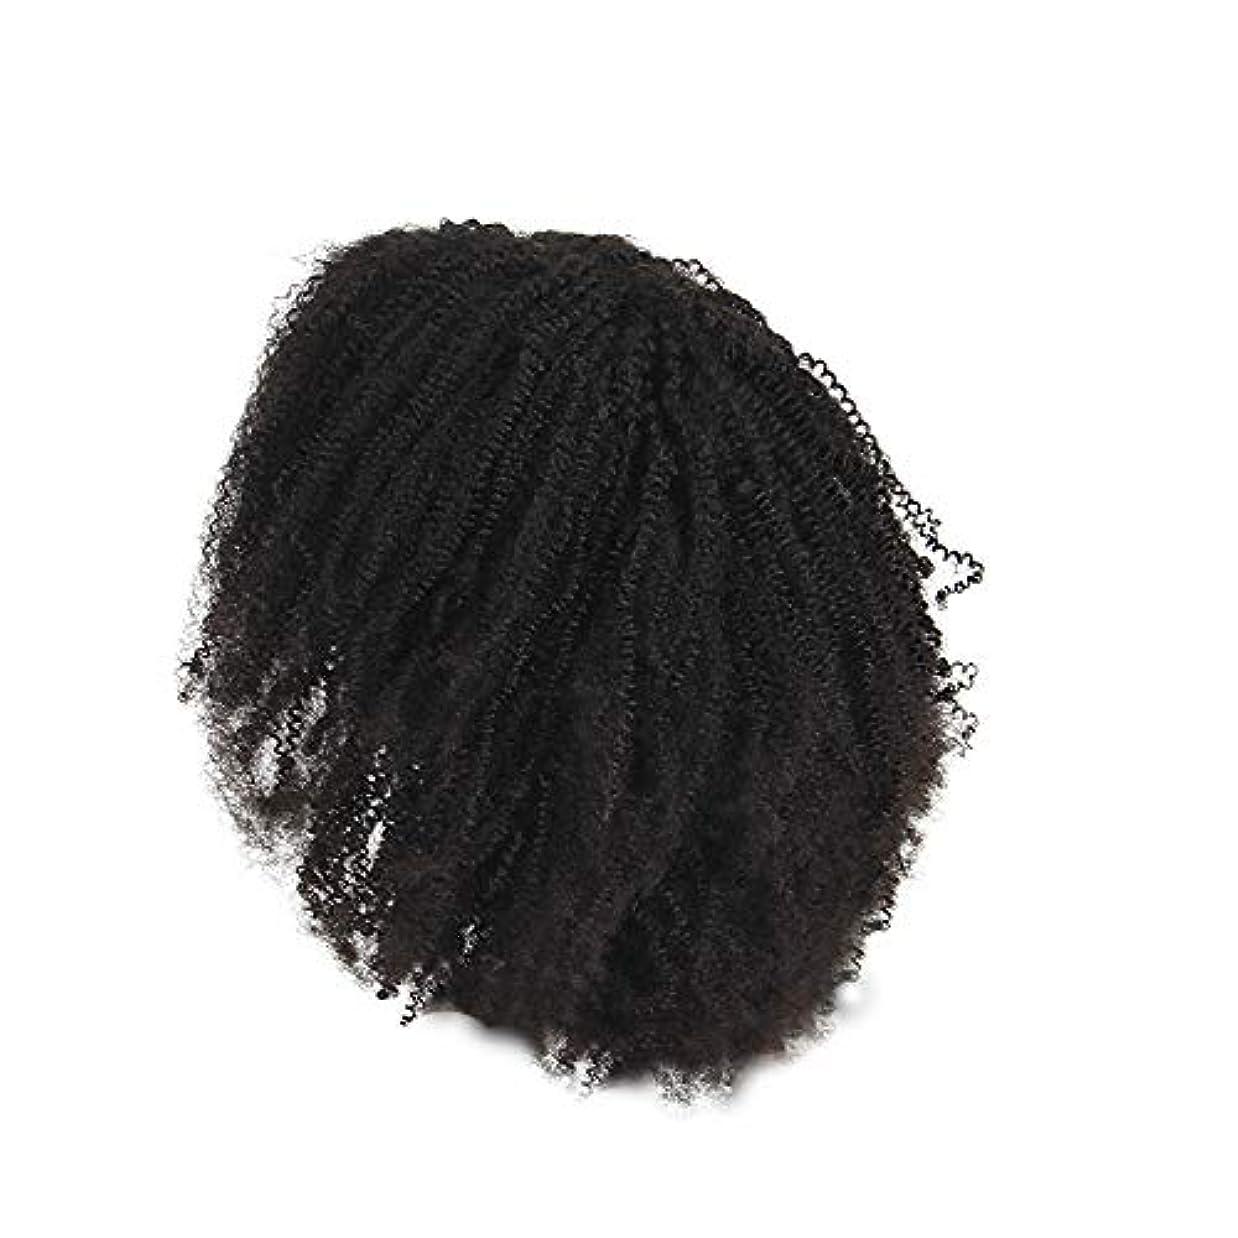 ピンク梨おびえたかつらレース化学繊維爆発ヘッド小体積短い髪かつらの前に